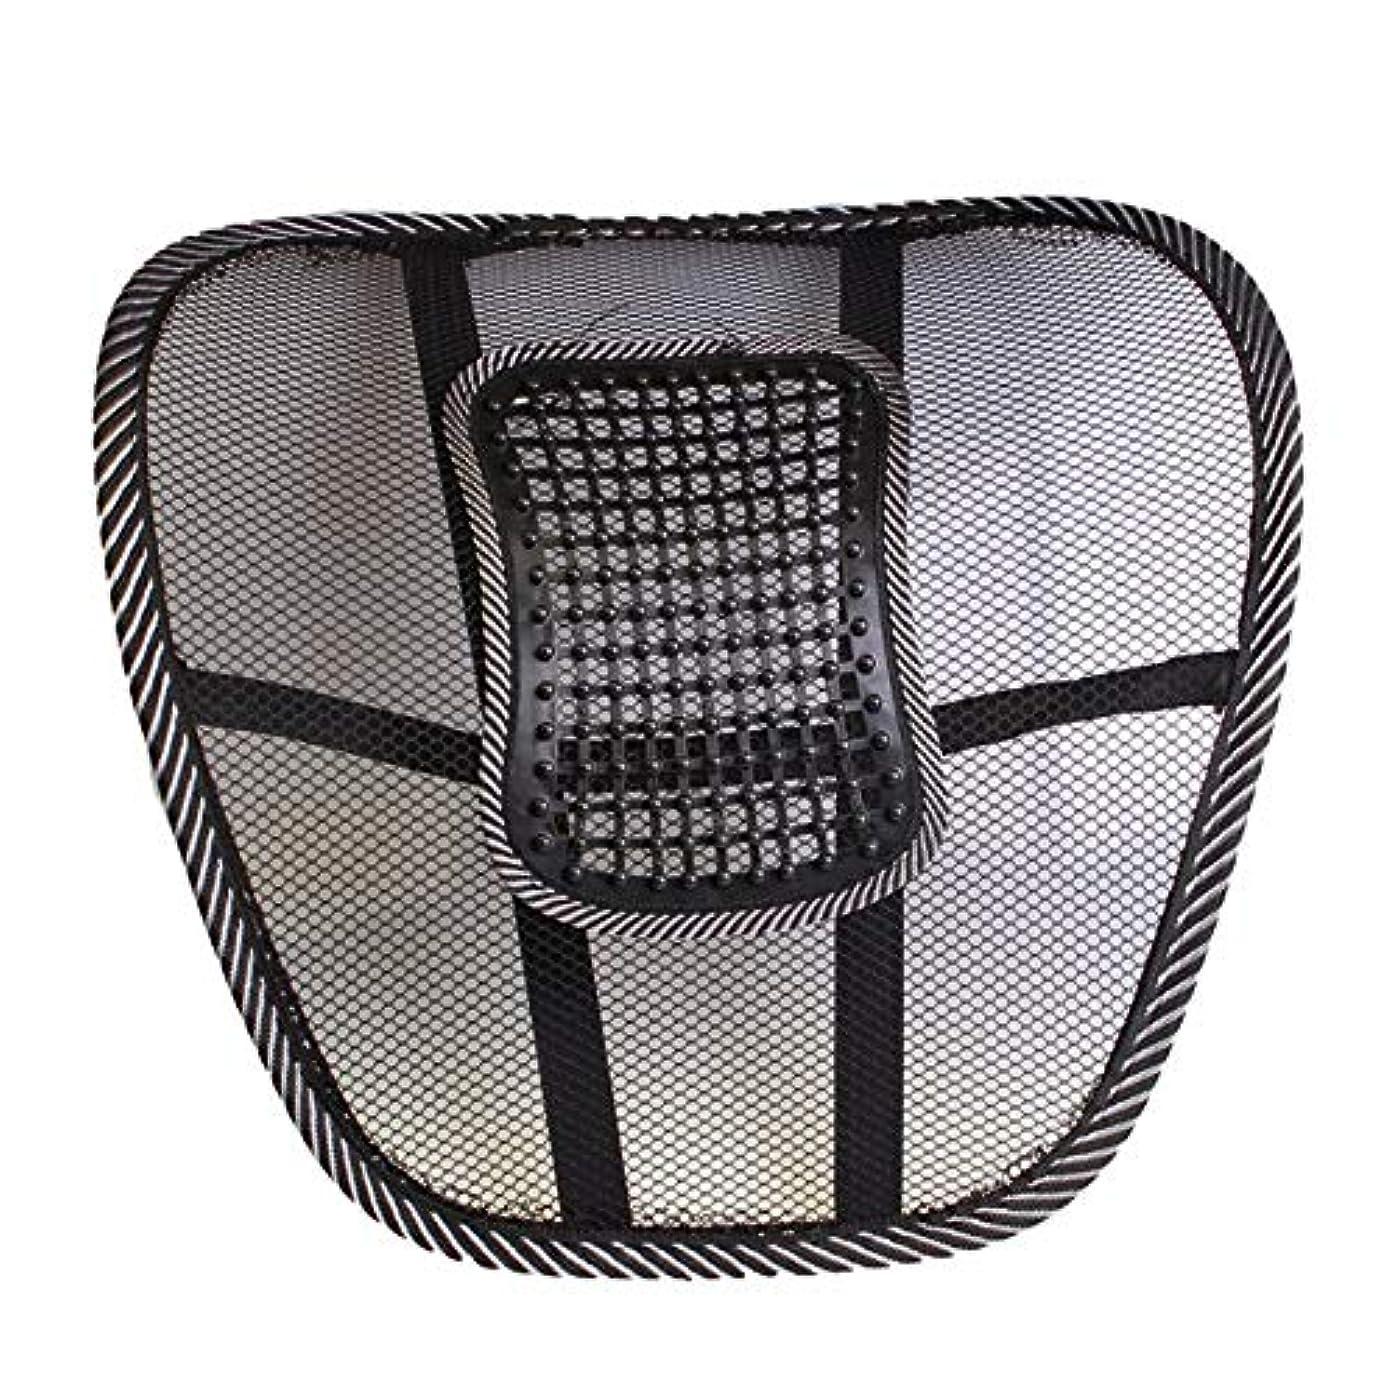 廃棄命令スリルメッシュカバー付き腰椎サポートクッション腰痛緩和のためのバランスのとれた硬さ - 理想的なバックピロー